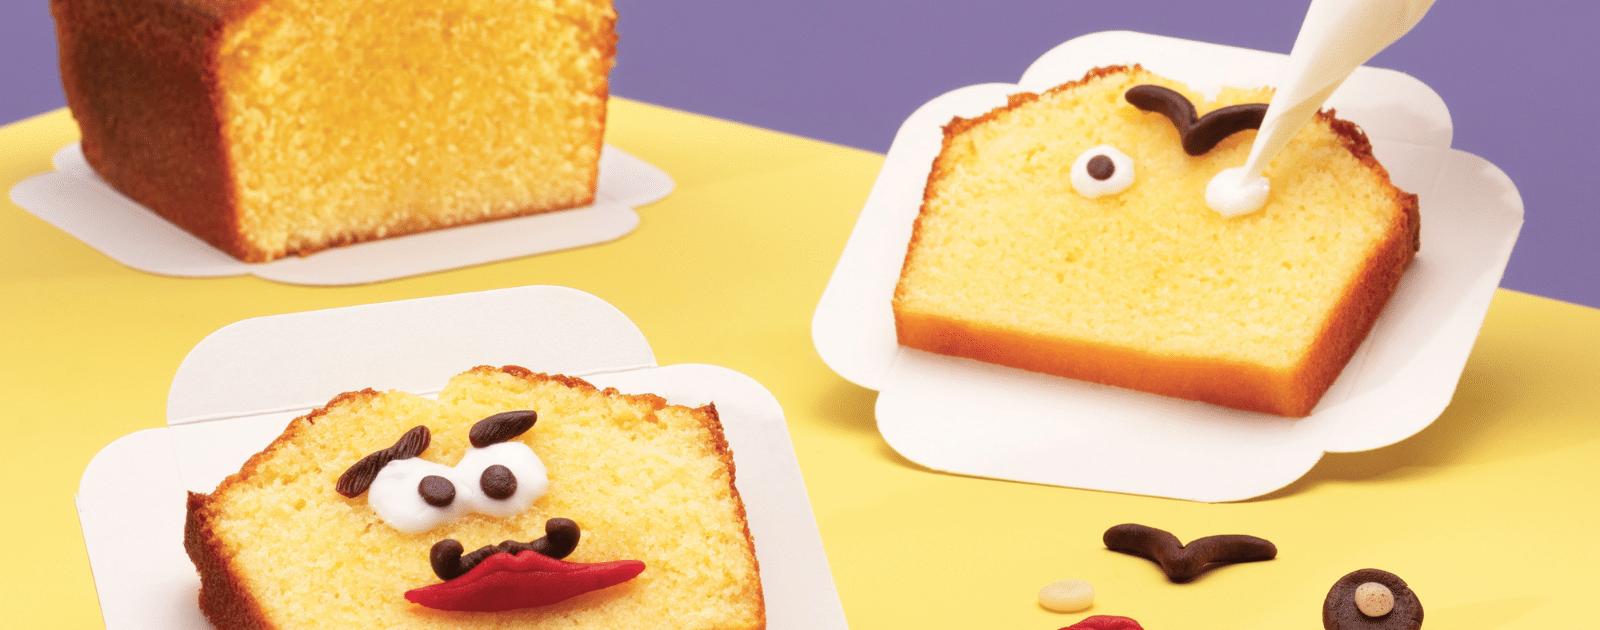 Tronche cake